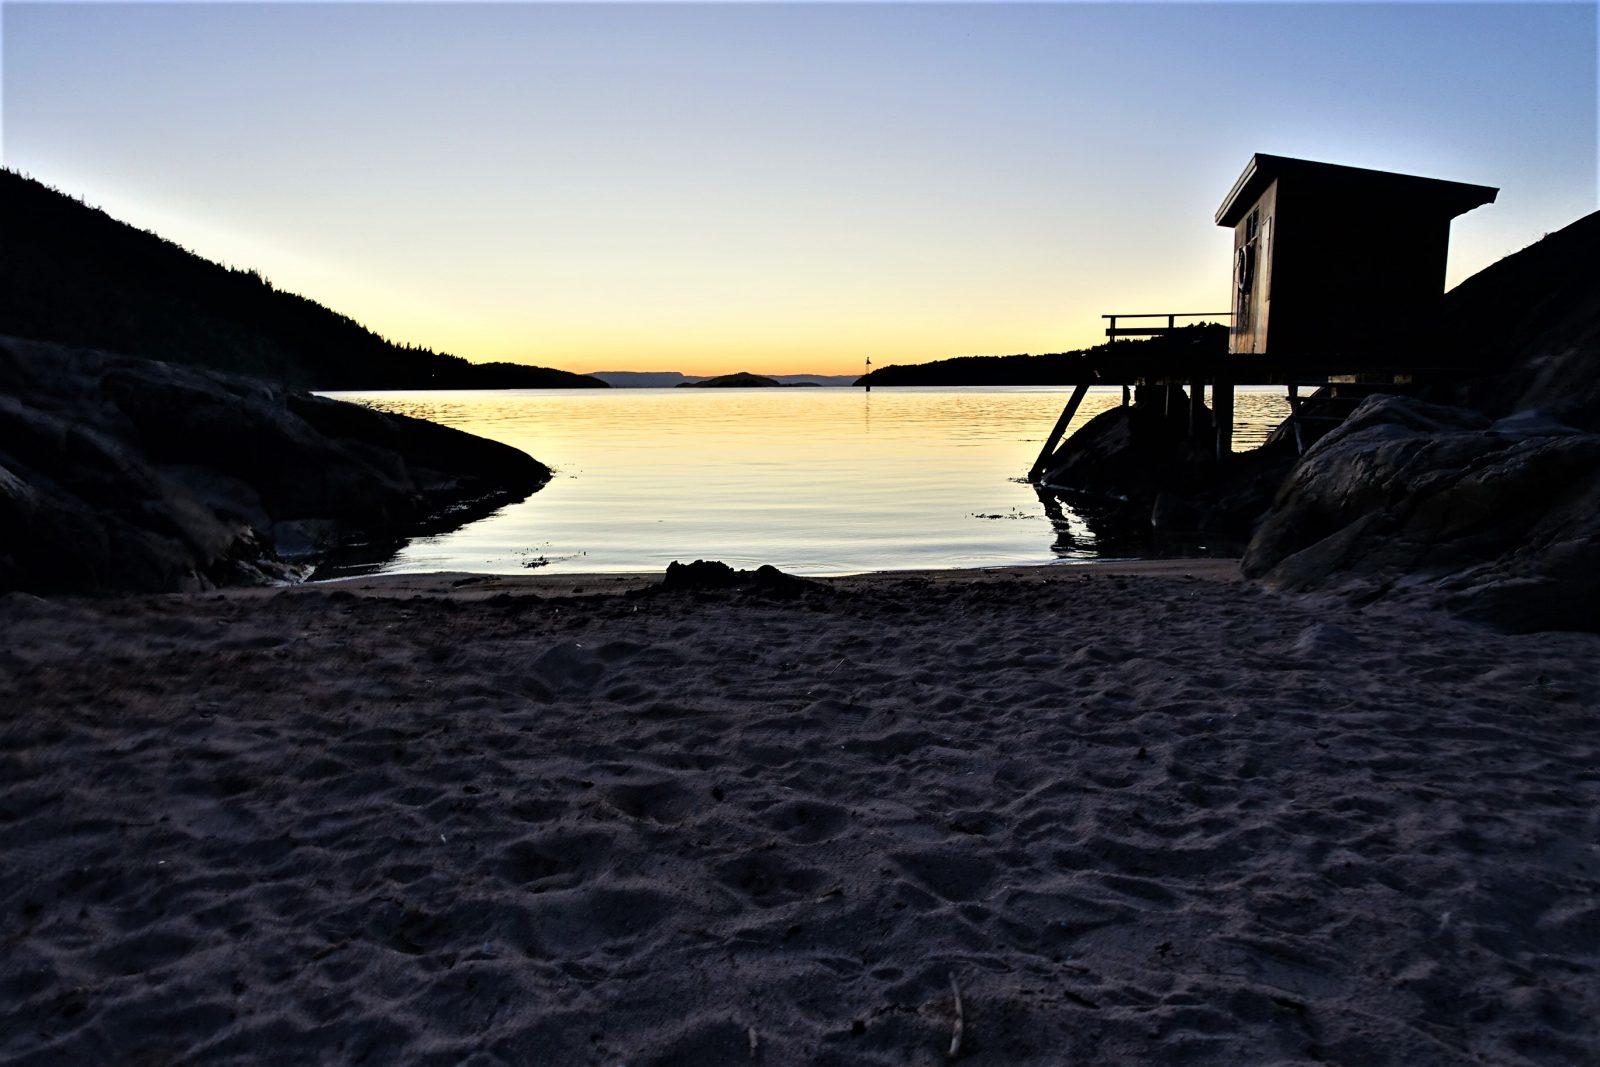 Fineste stranden i verden kommendantens badehus på oscarsborg